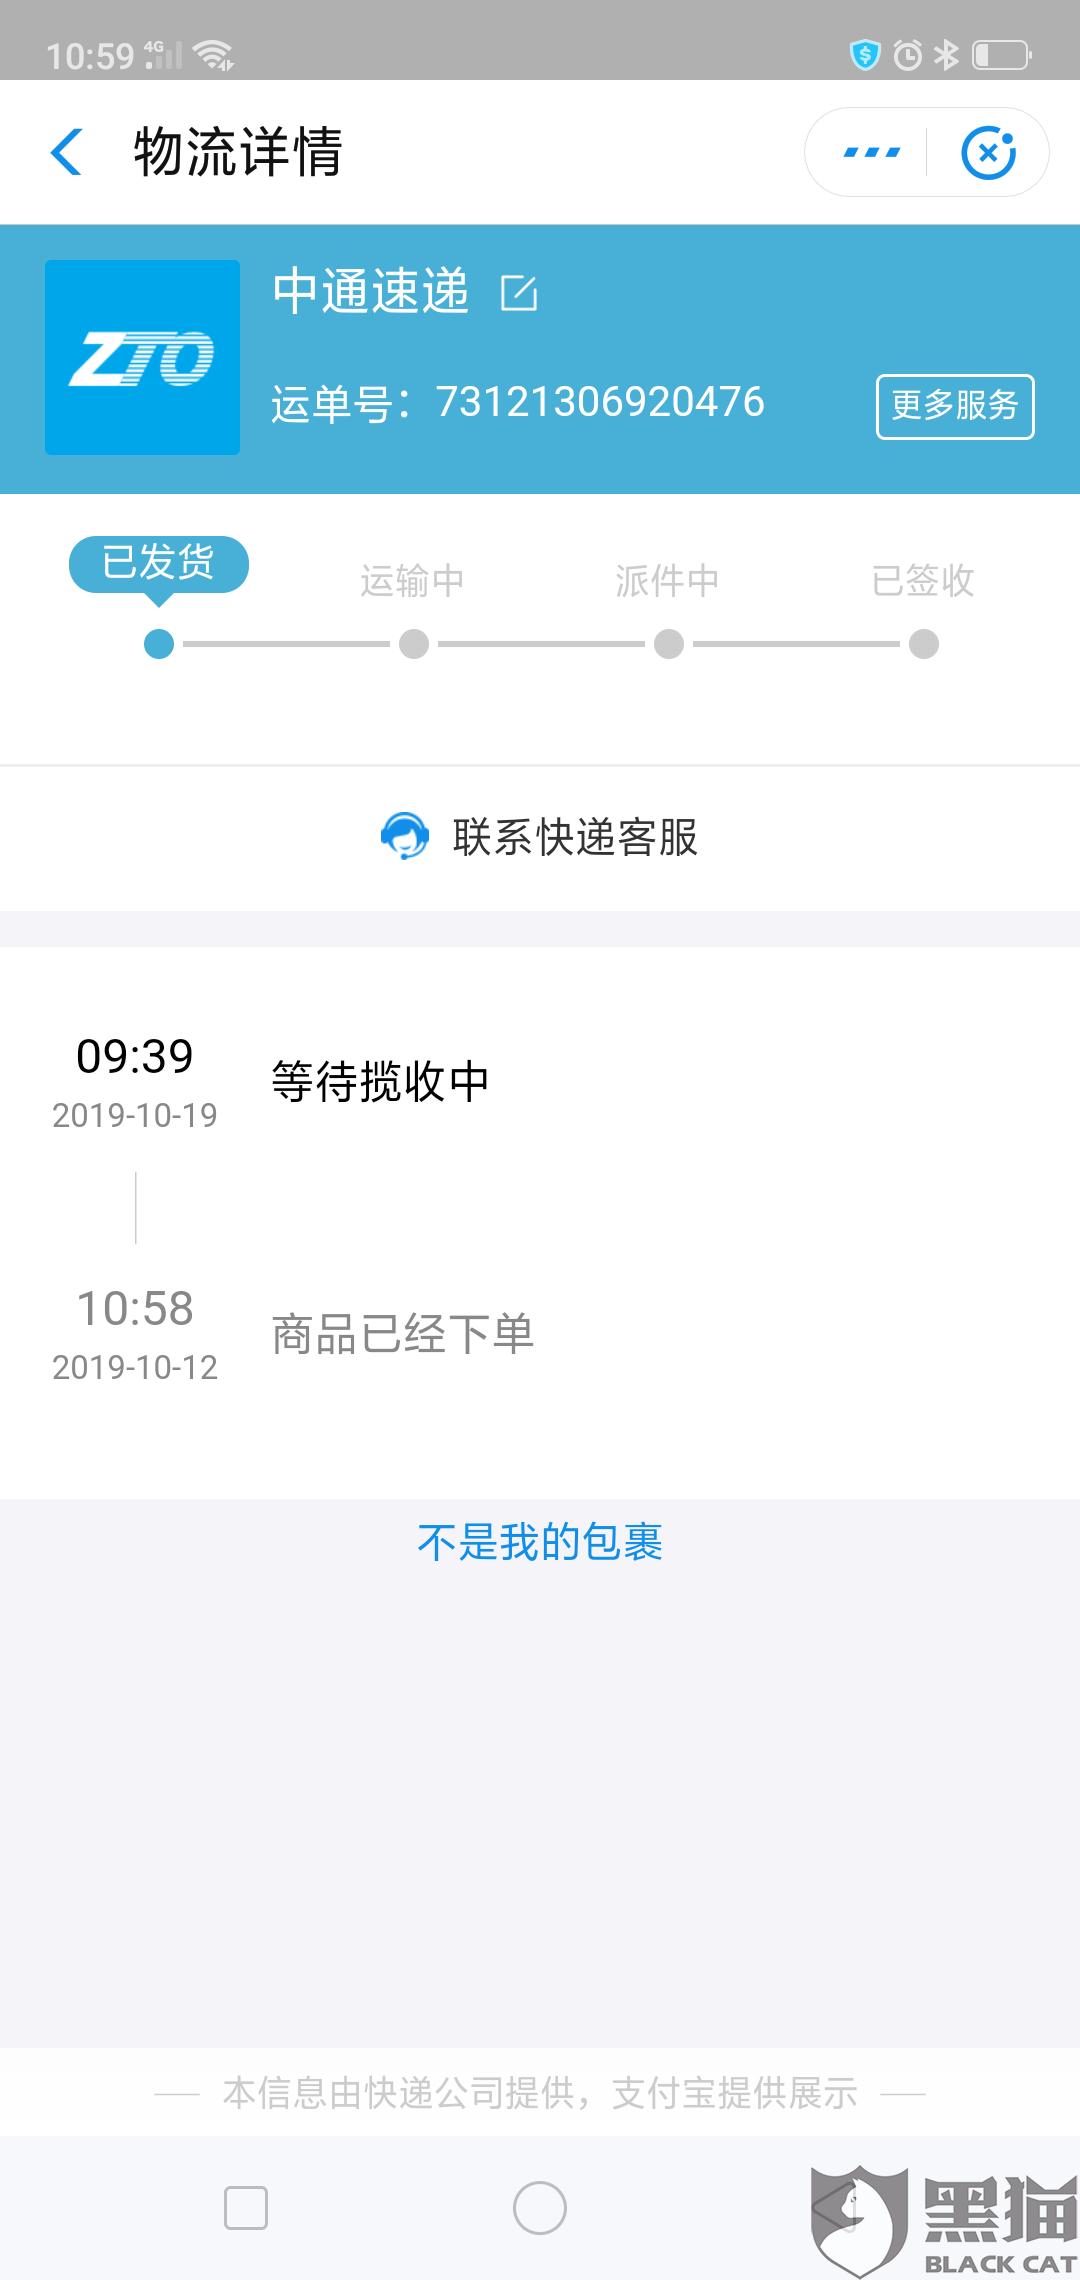 黑猫投诉:上海市速递易中通快递